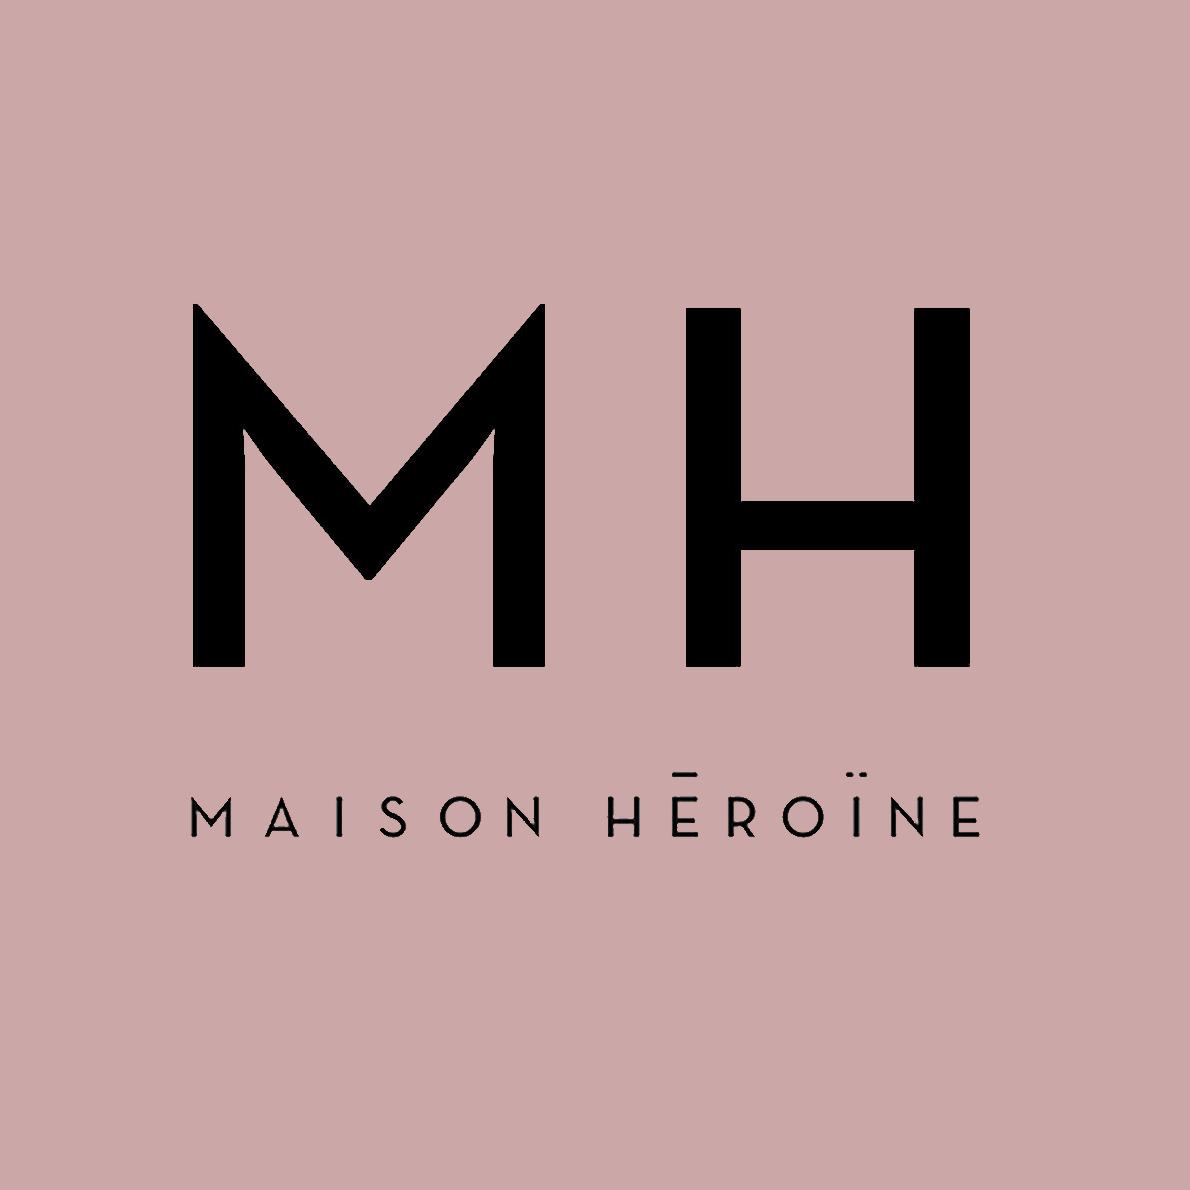 Maison Héroïne